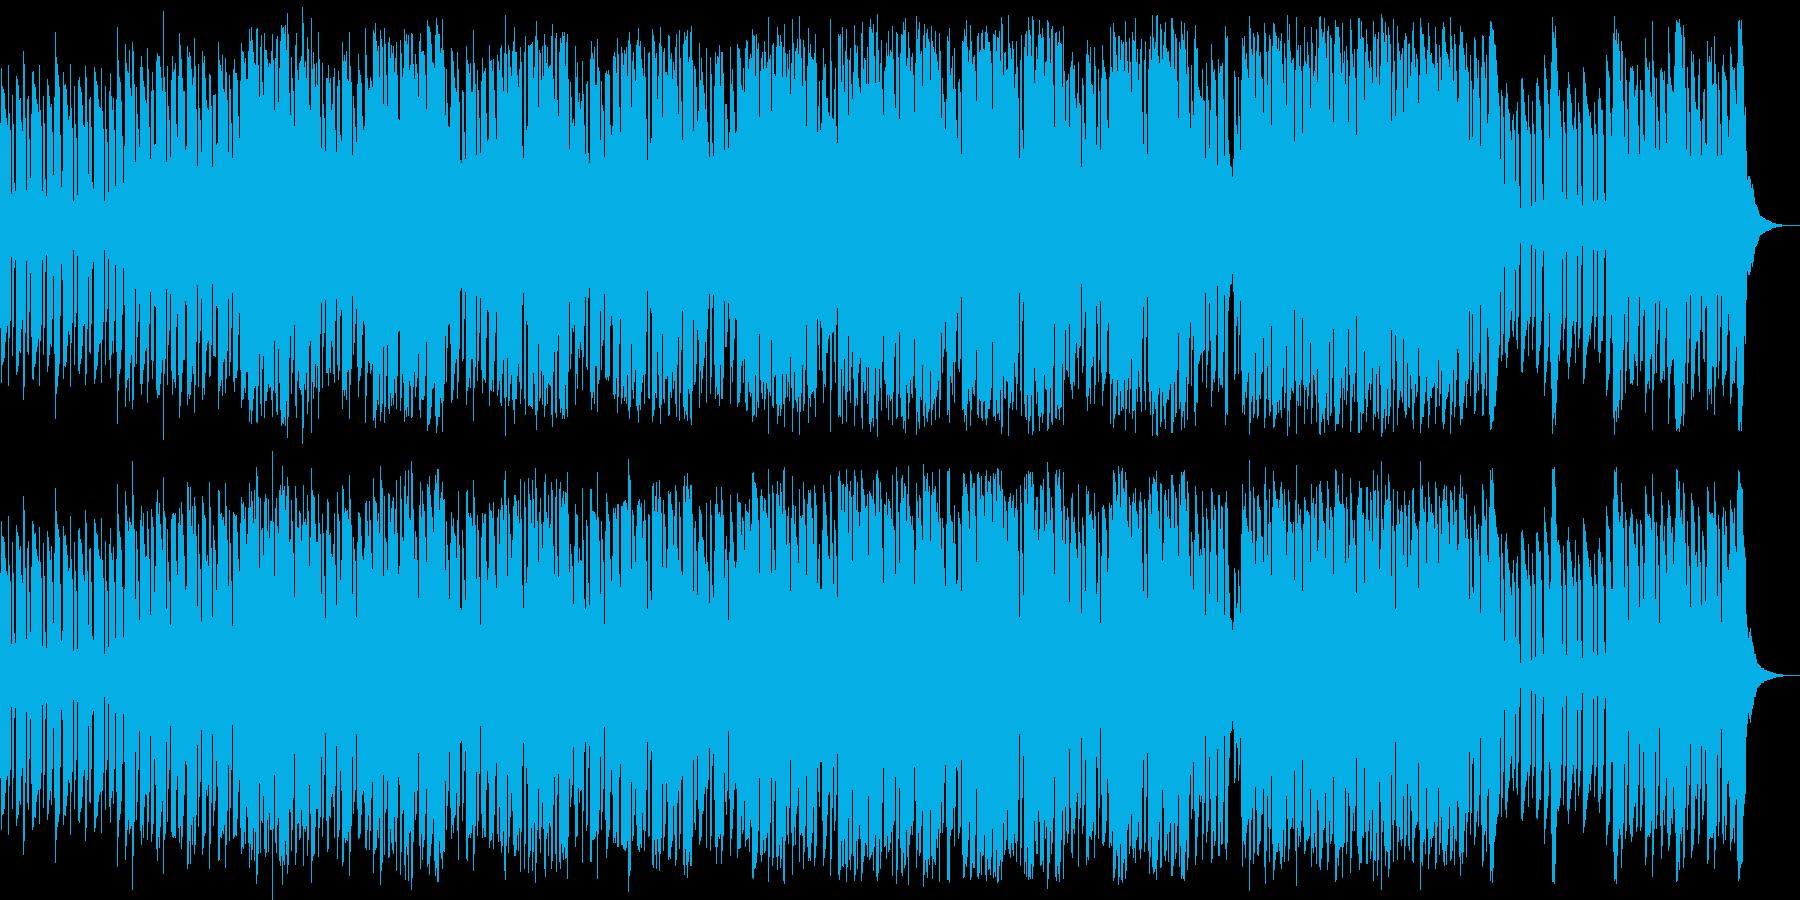 東洋な雰囲気の、力の抜けた音楽の再生済みの波形